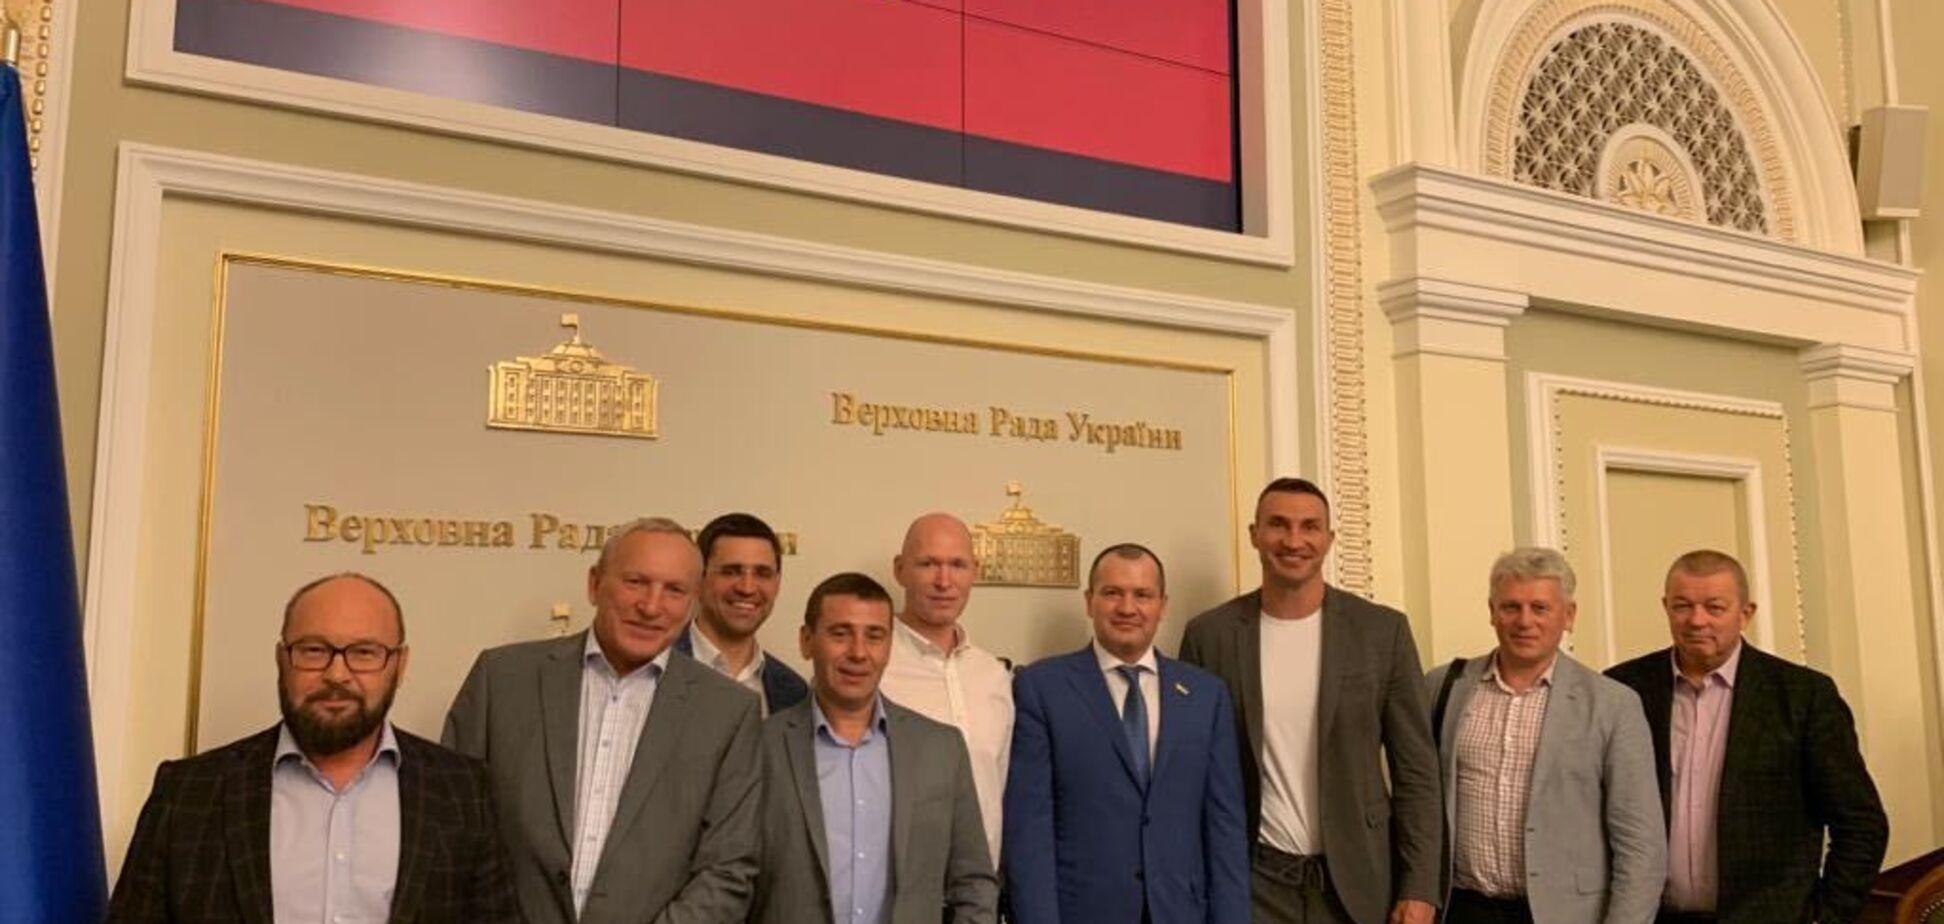 Володимир Кличко і Артур Палатний розповіли, як діджиталізація допоможе зробити спорт популярним і доступним в Україні